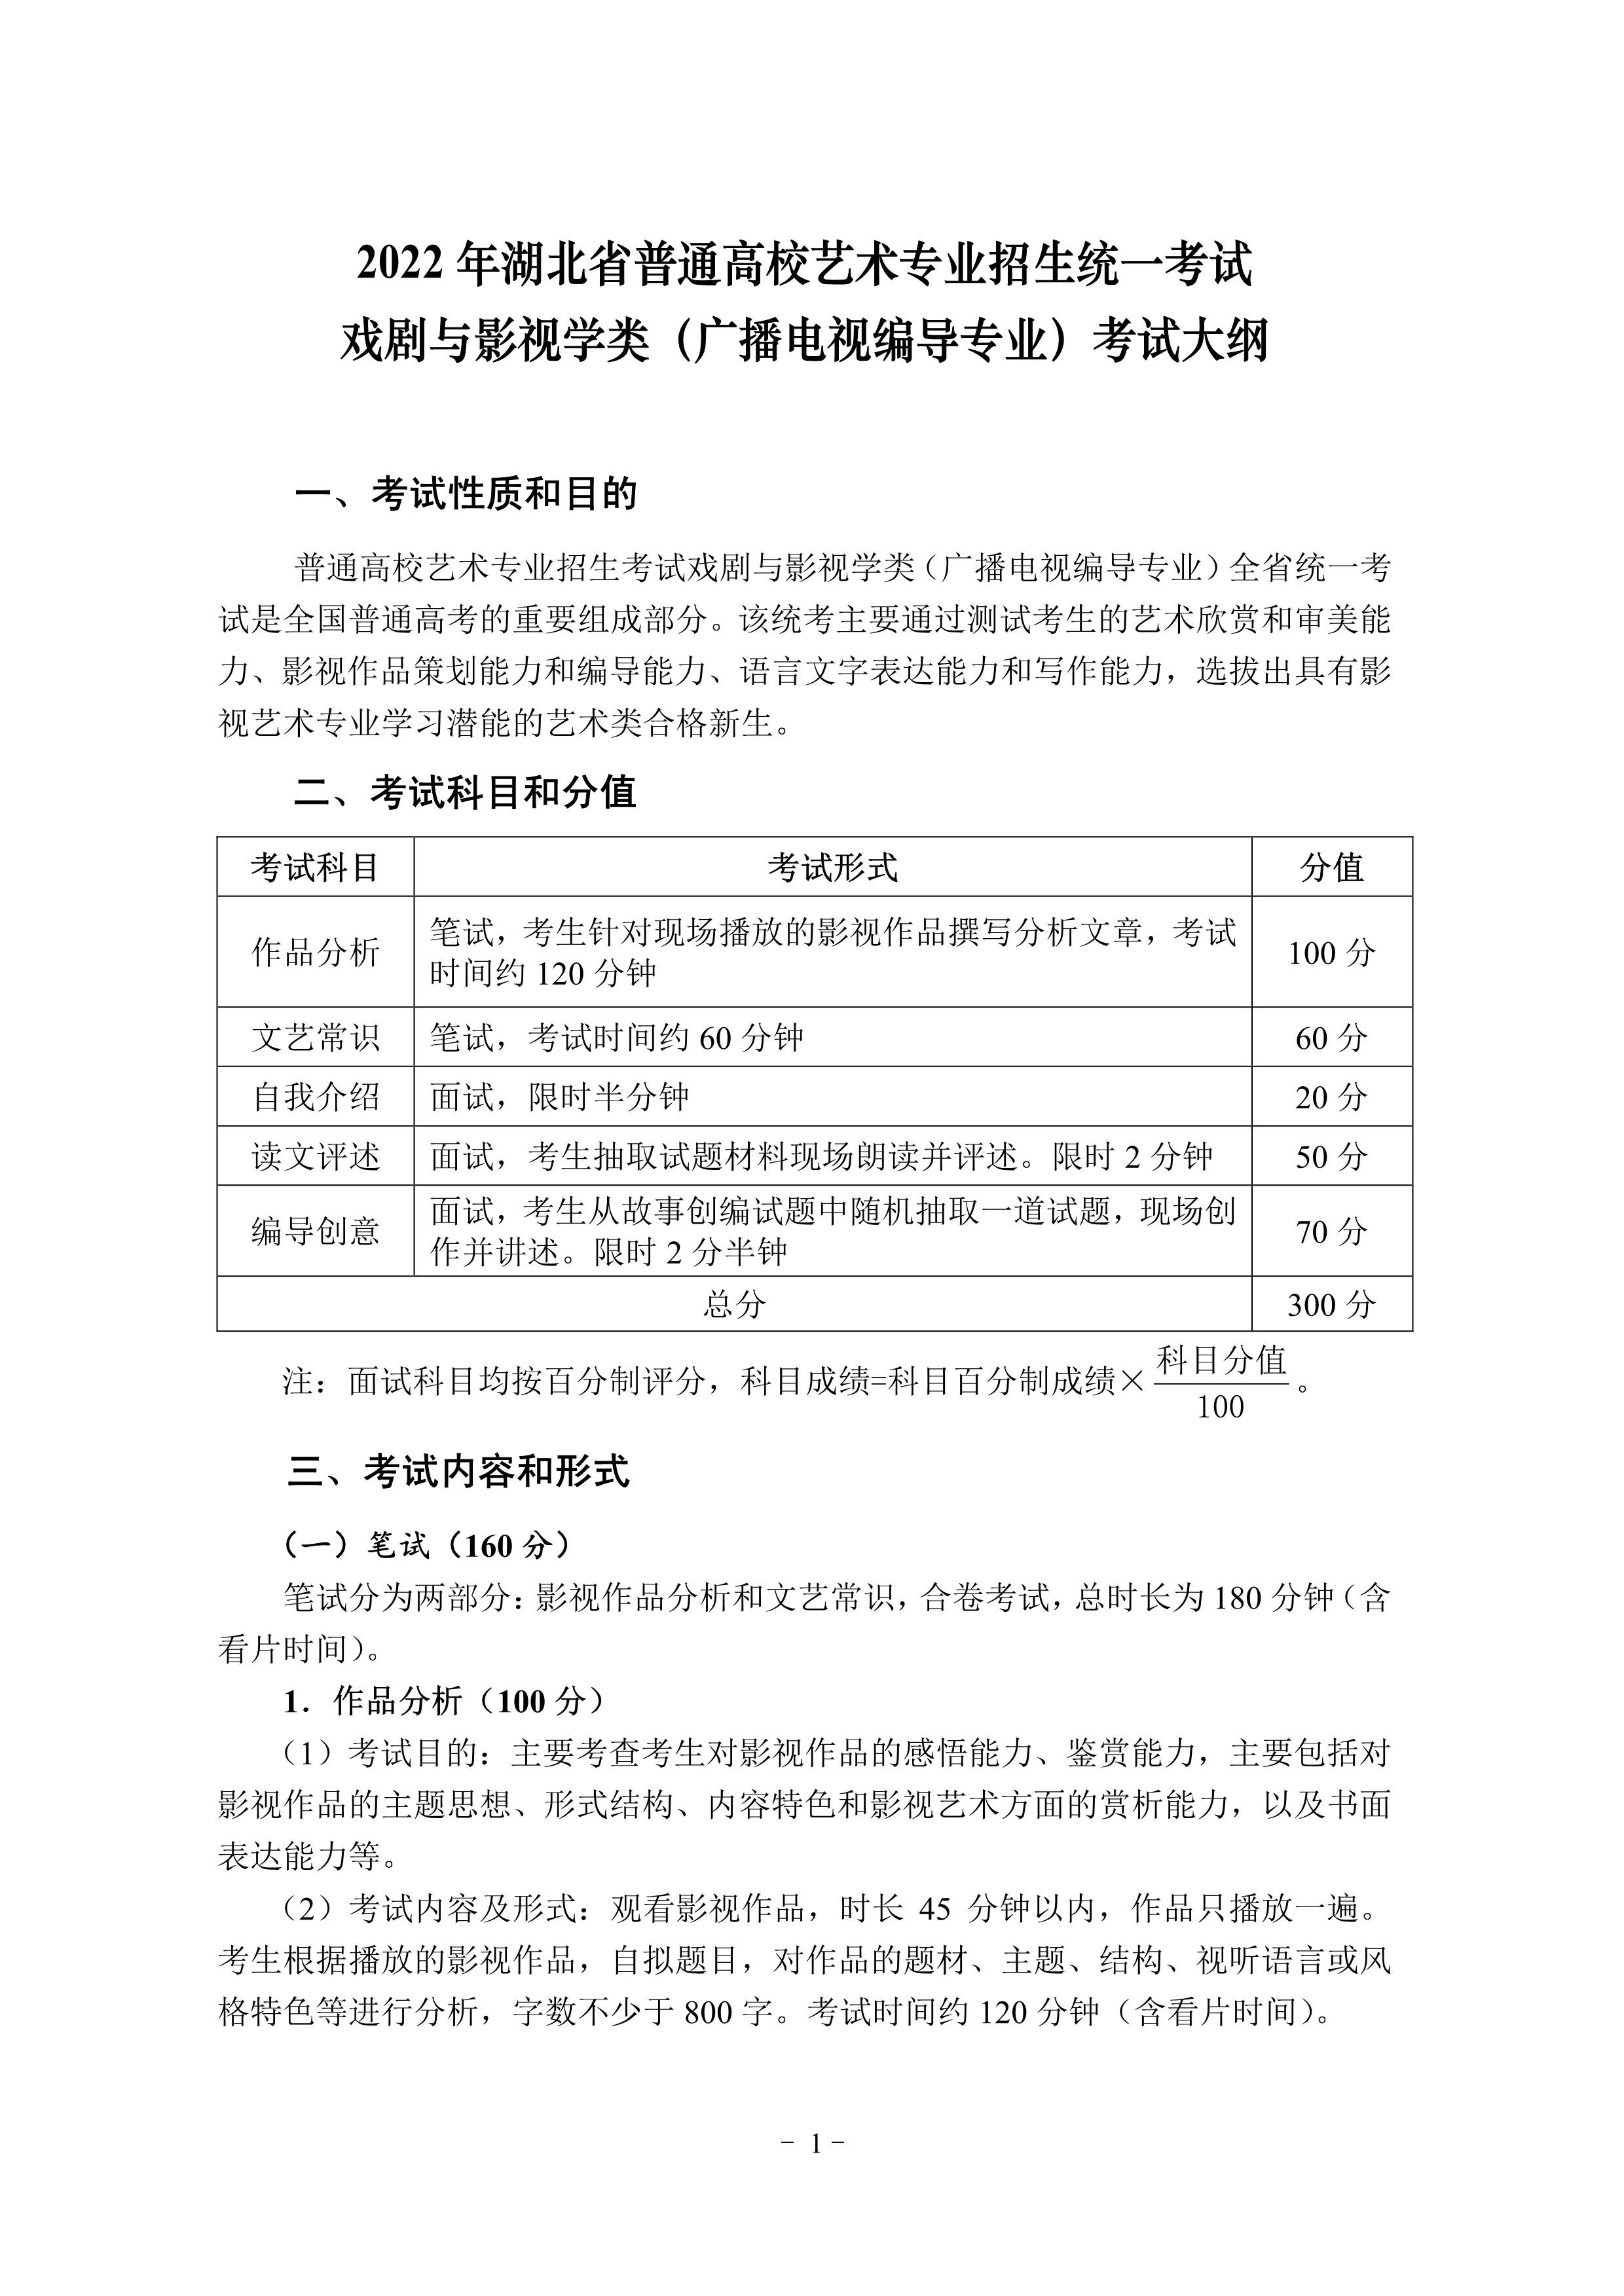 2022年湖北省艺术类统考(广播电视编导专业)考试大纲_1.jpg